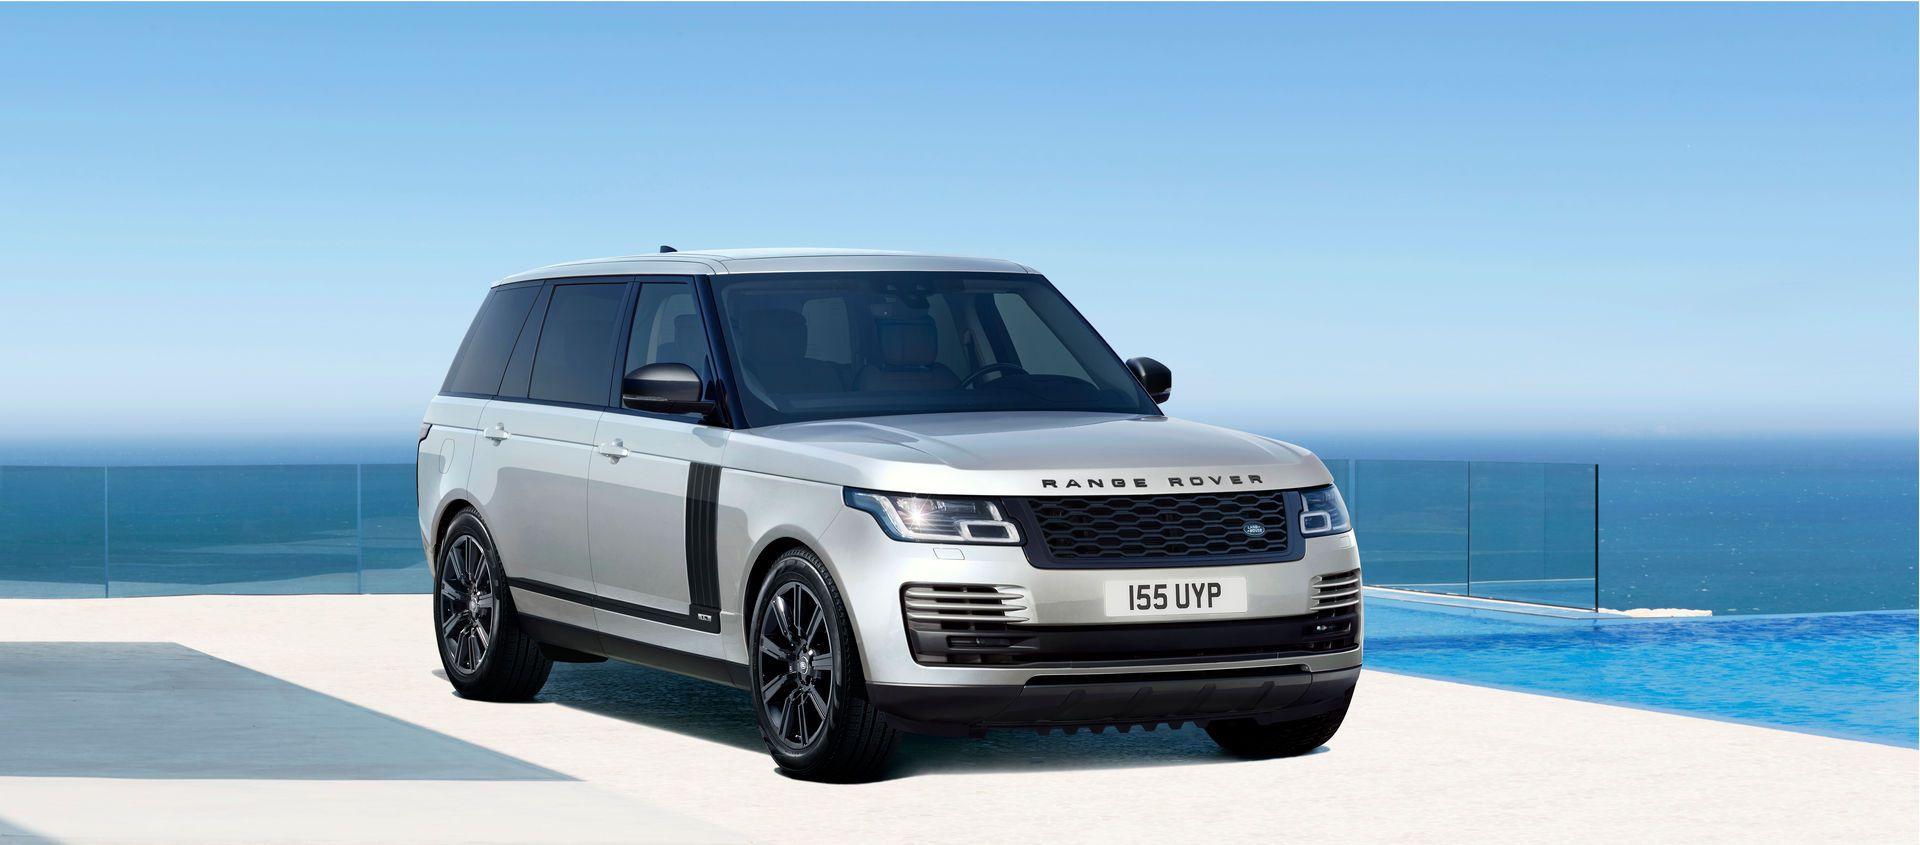 2021-Range-Rover-47